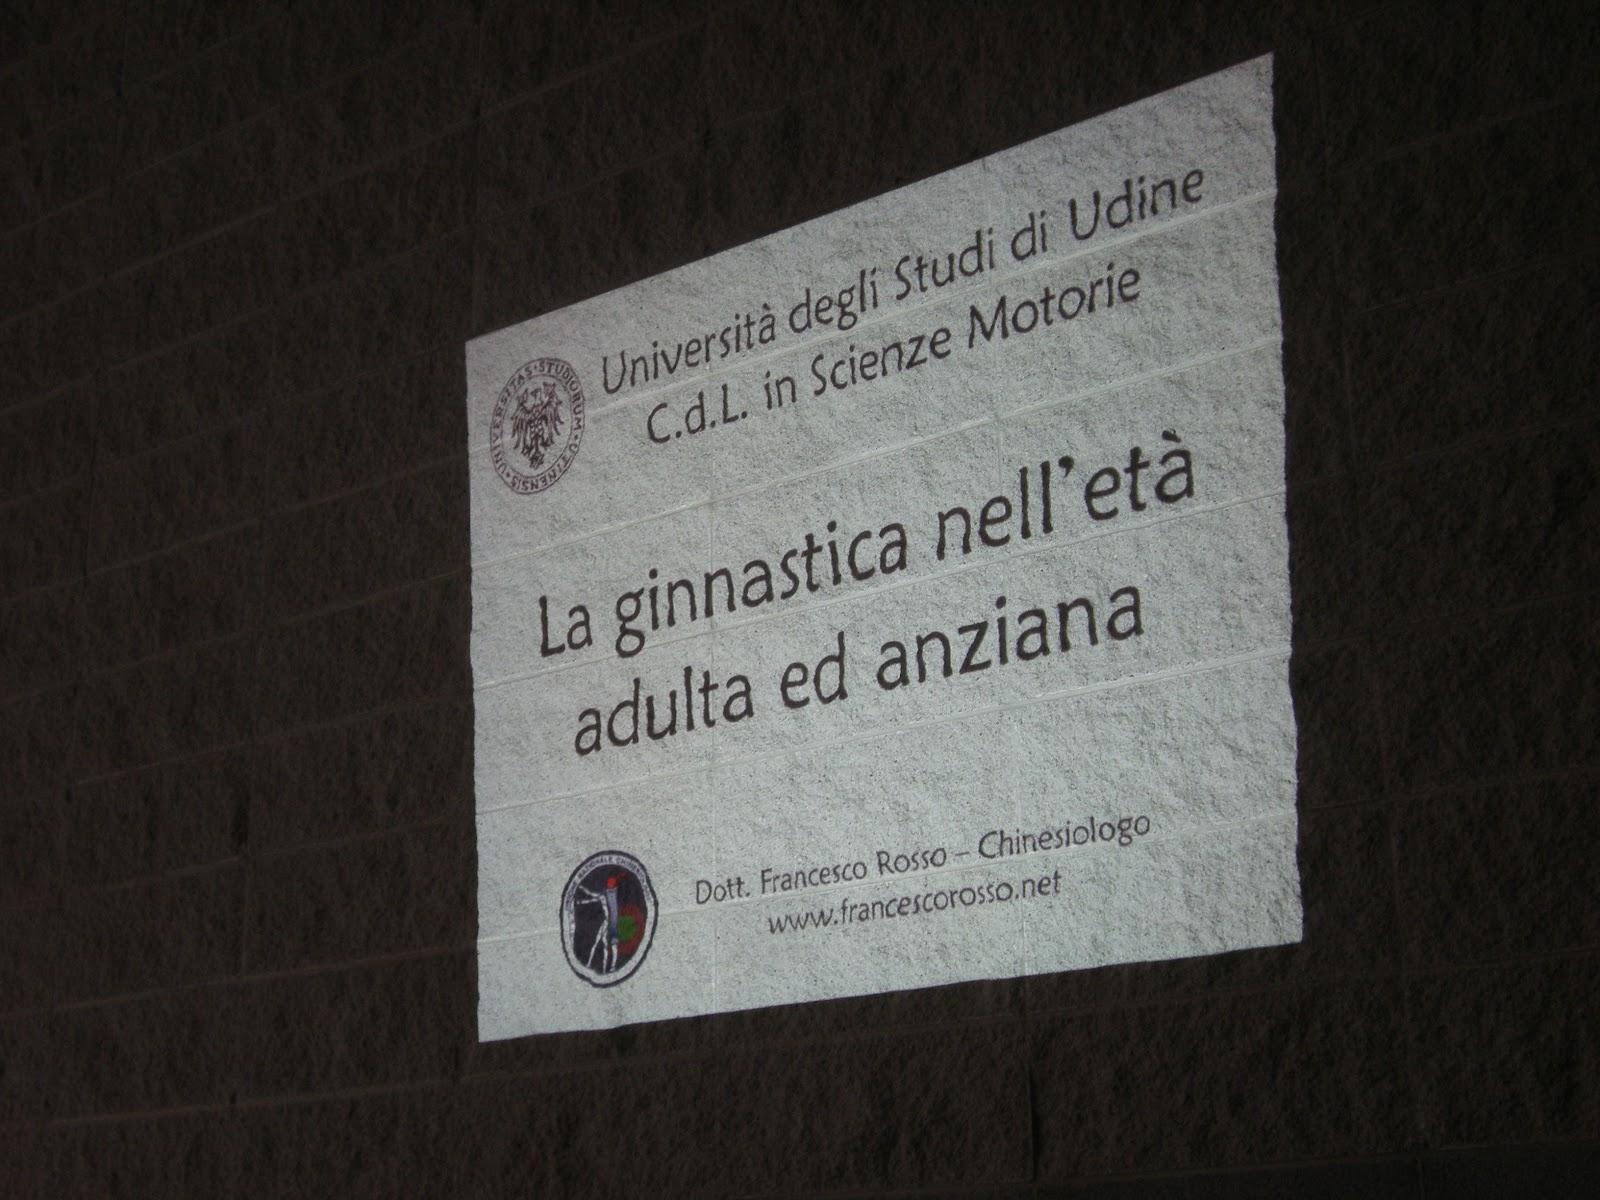 Ecco alcune fotografie scattate durante la lezione da Daniela Benedetti